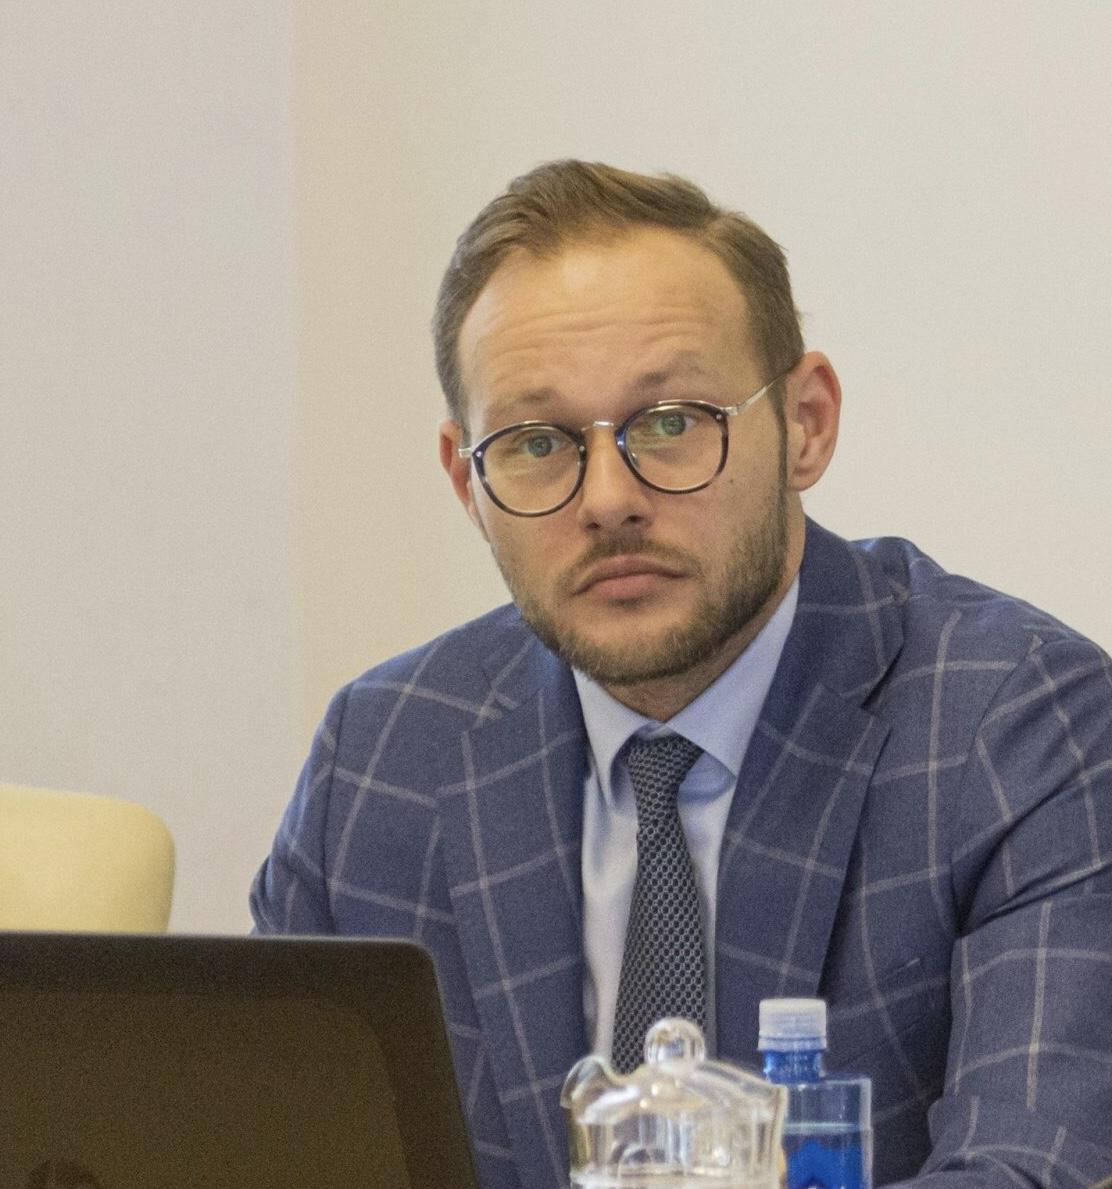 """Nikita Nikiforovs : """"Kā informēju un solīju iepriekš, pašvaldība izstrādā mehānismus kā palīdzēt ārkārtējās situācijas laikā sociāli neaizsargātajiem iedzīvotājiem."""